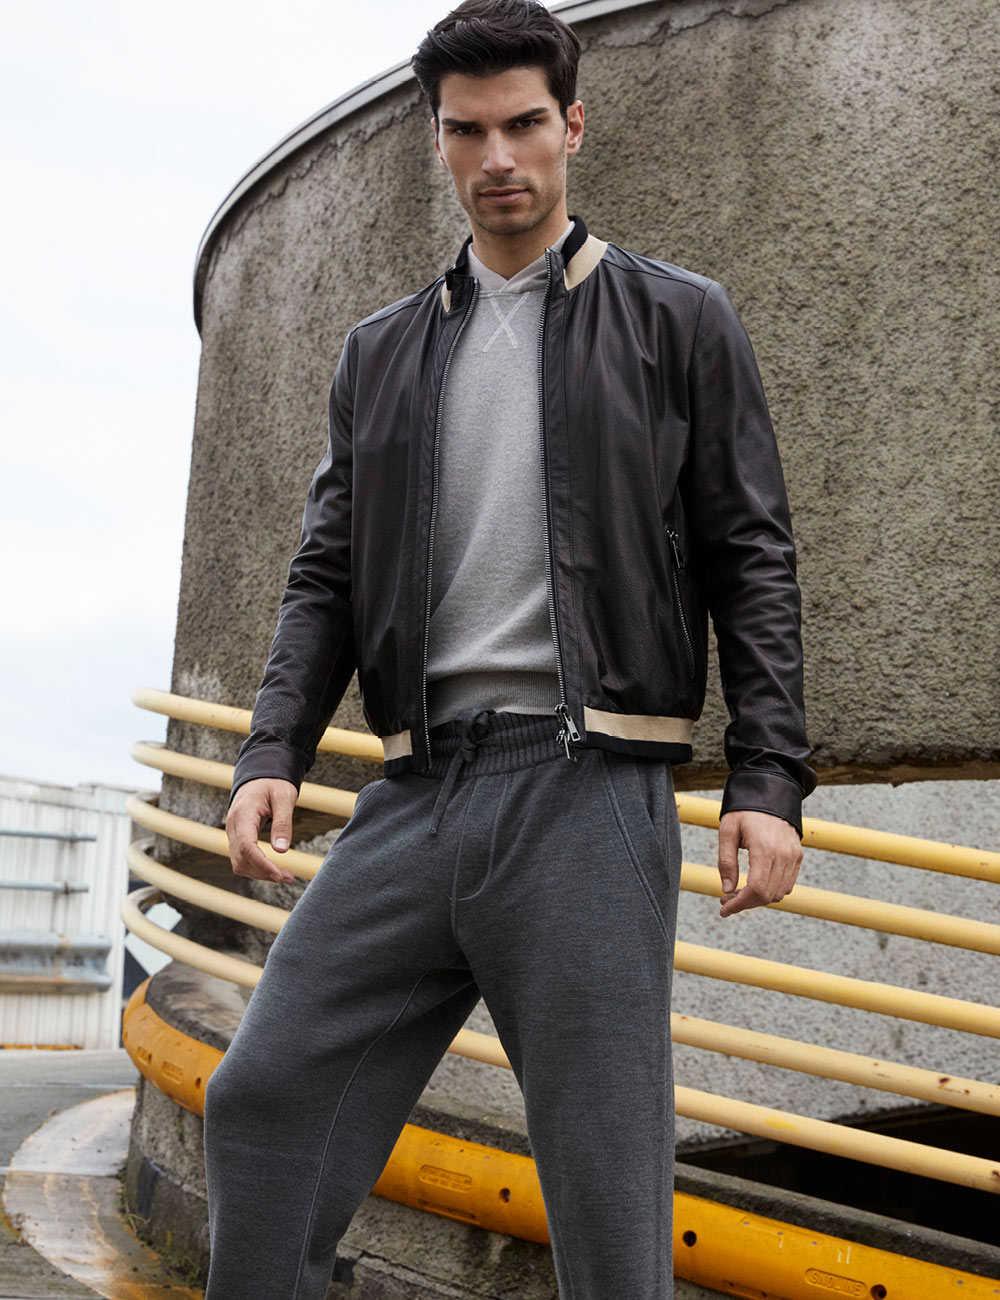 Giacca di pelle   Paolo Moretti Milano collezioni giacche di